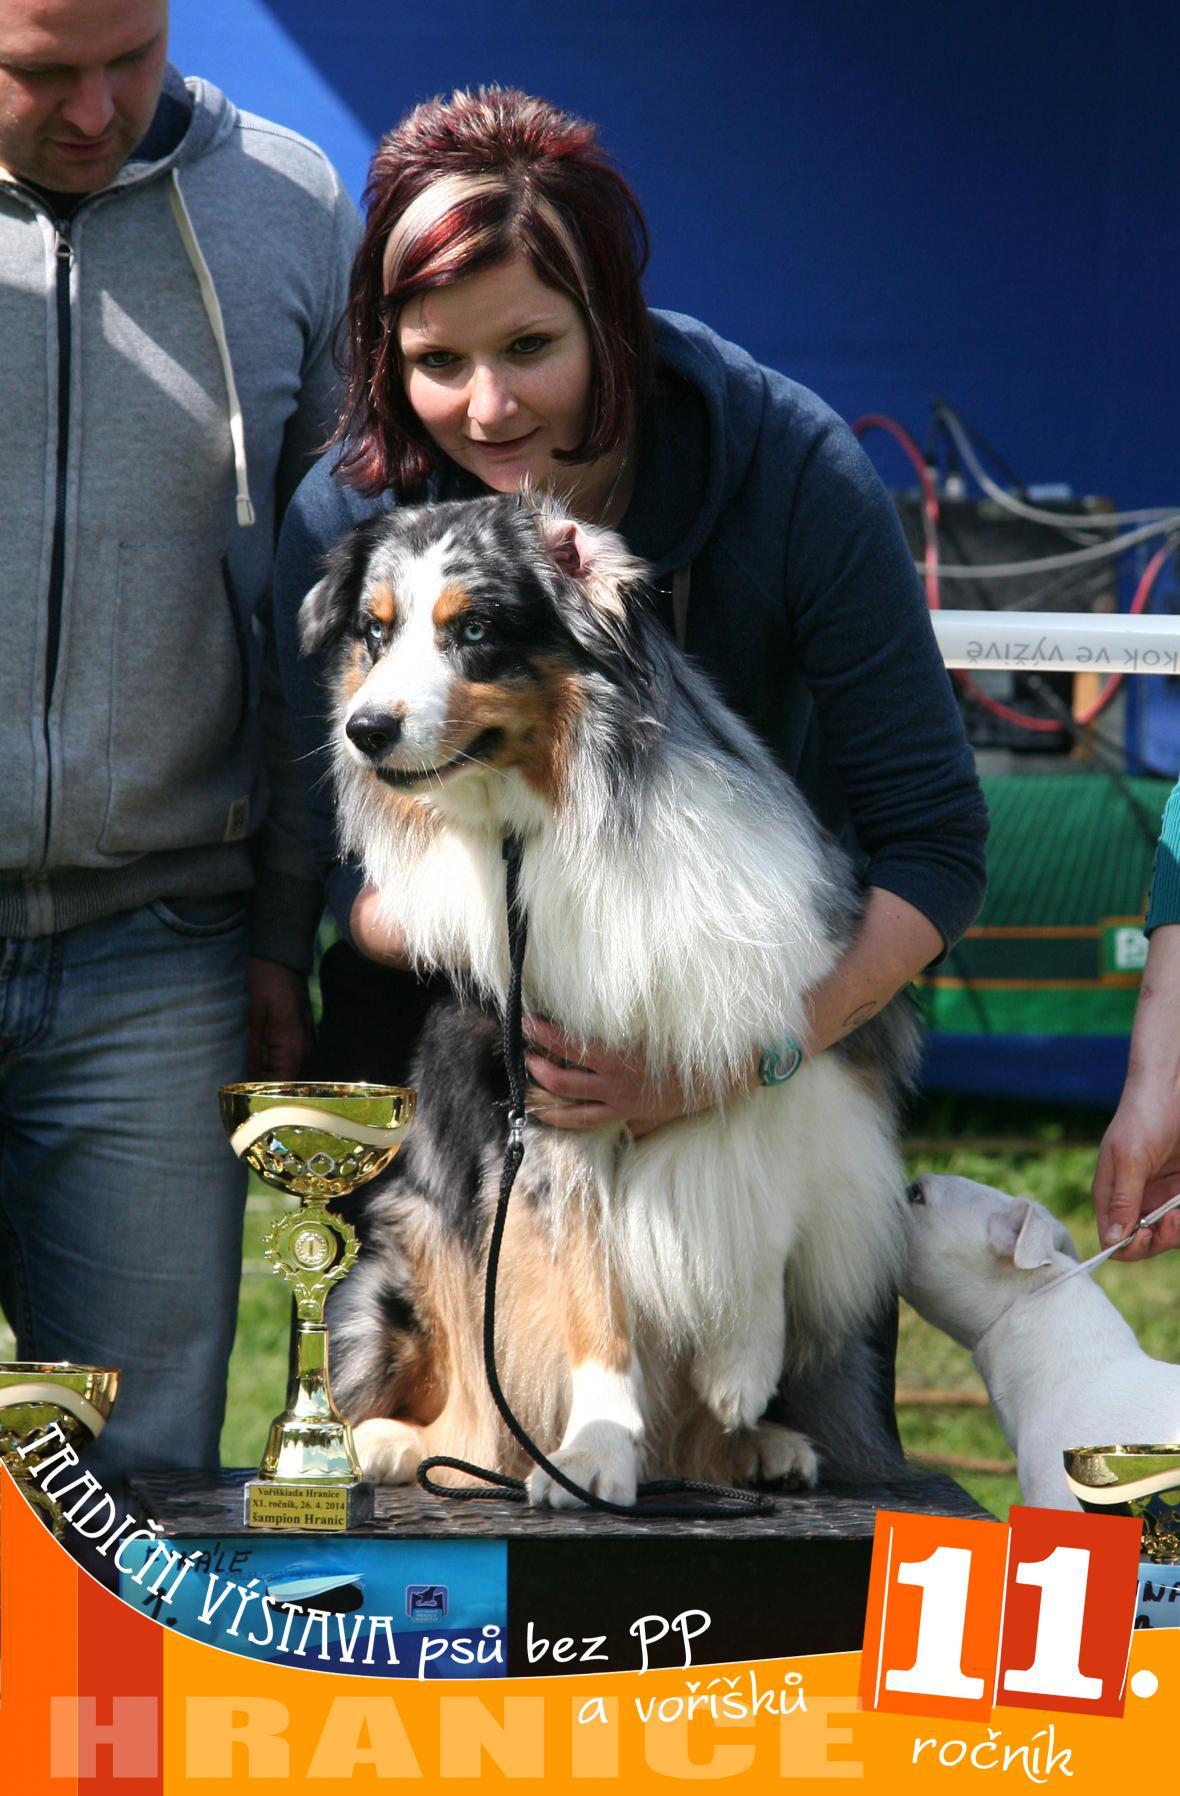 Nejkrásnější pes bez PP